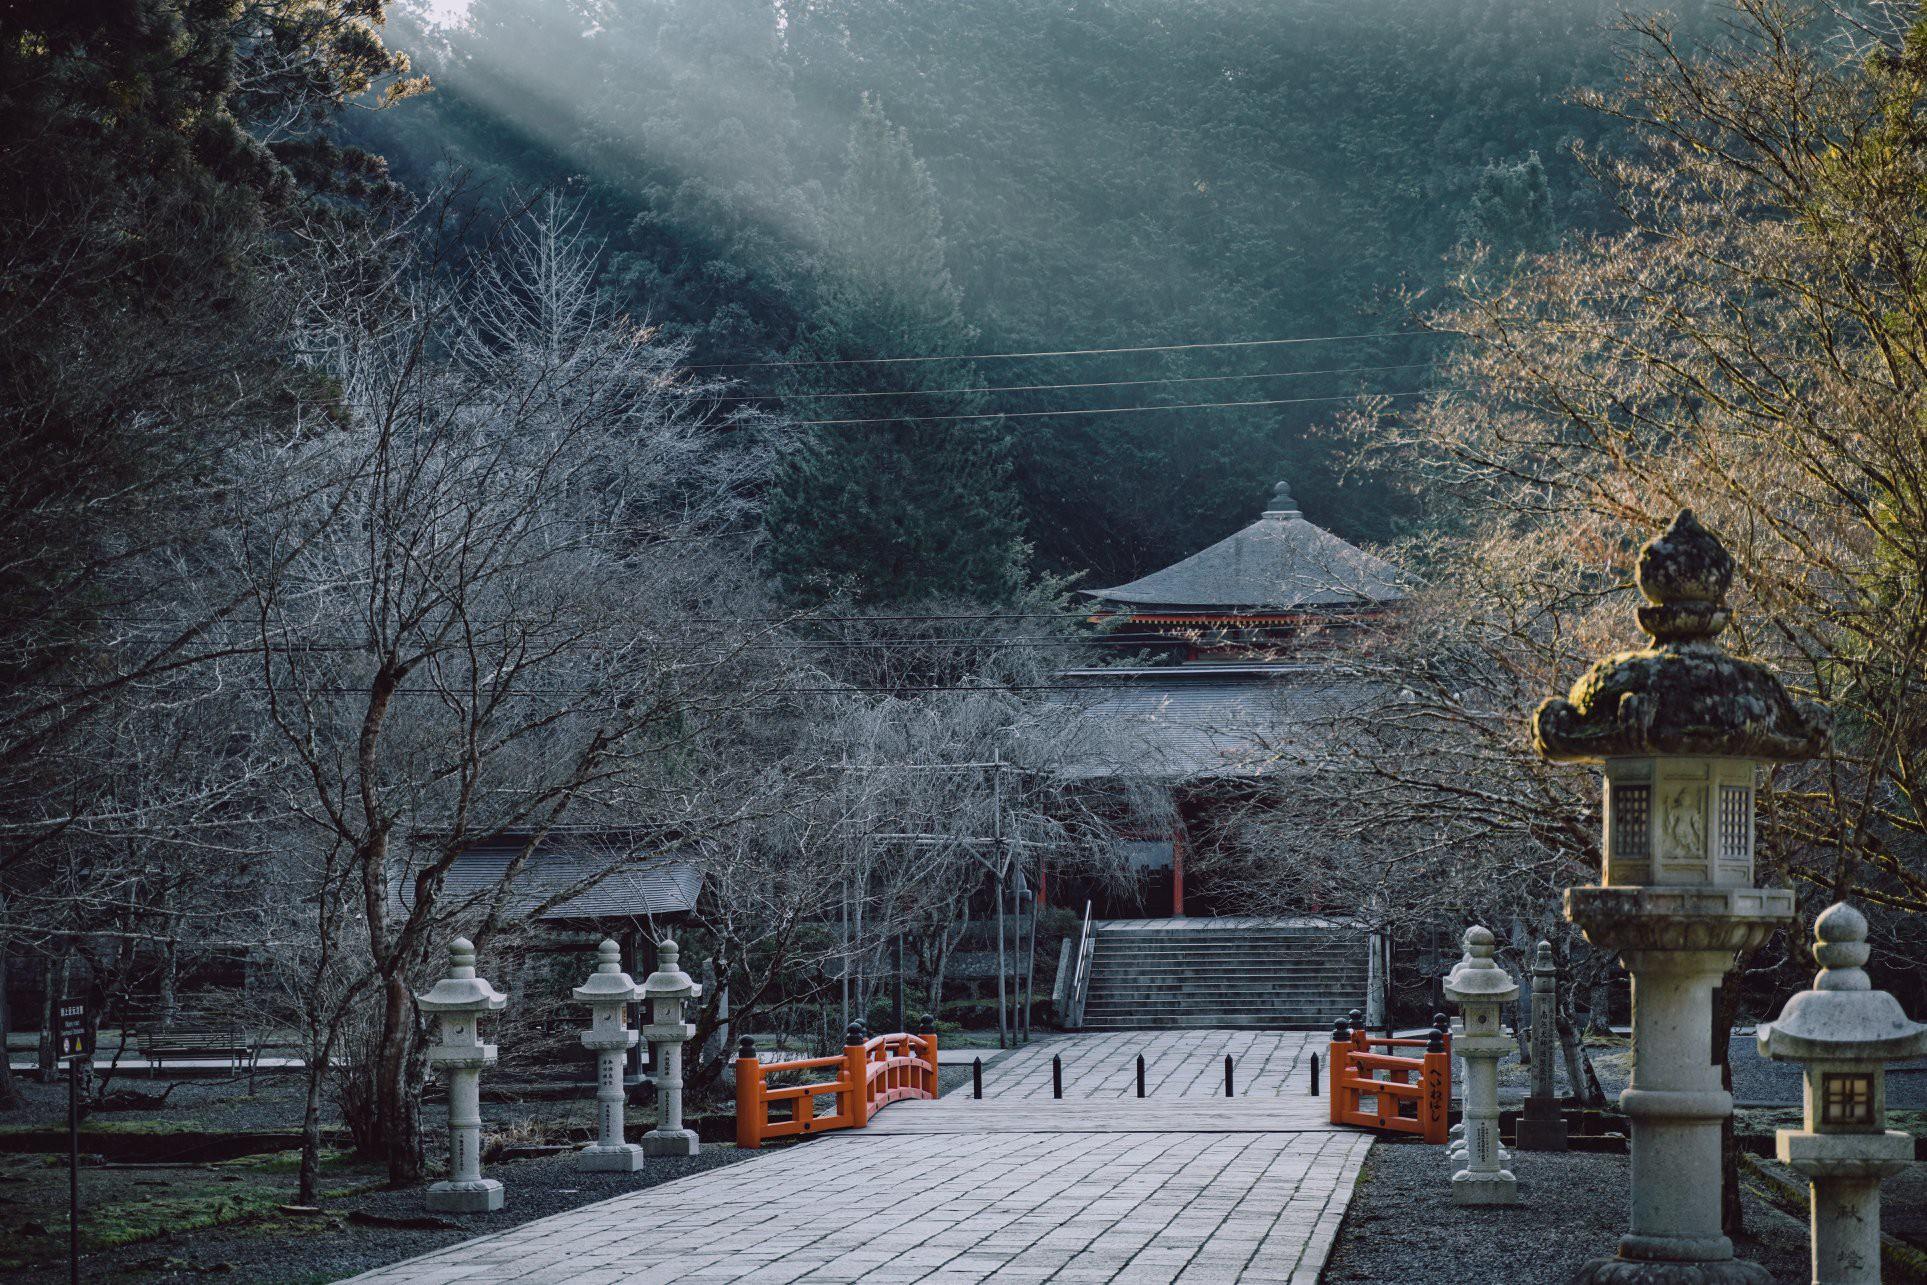 Khám phá Nghĩa trang Okunoin: Nơi được mệnh danh thánh địa thiêng liêng nhất Nhật Bản, có 5000 chiếc lồng đèn không bao giờ tắt - Ảnh 16.